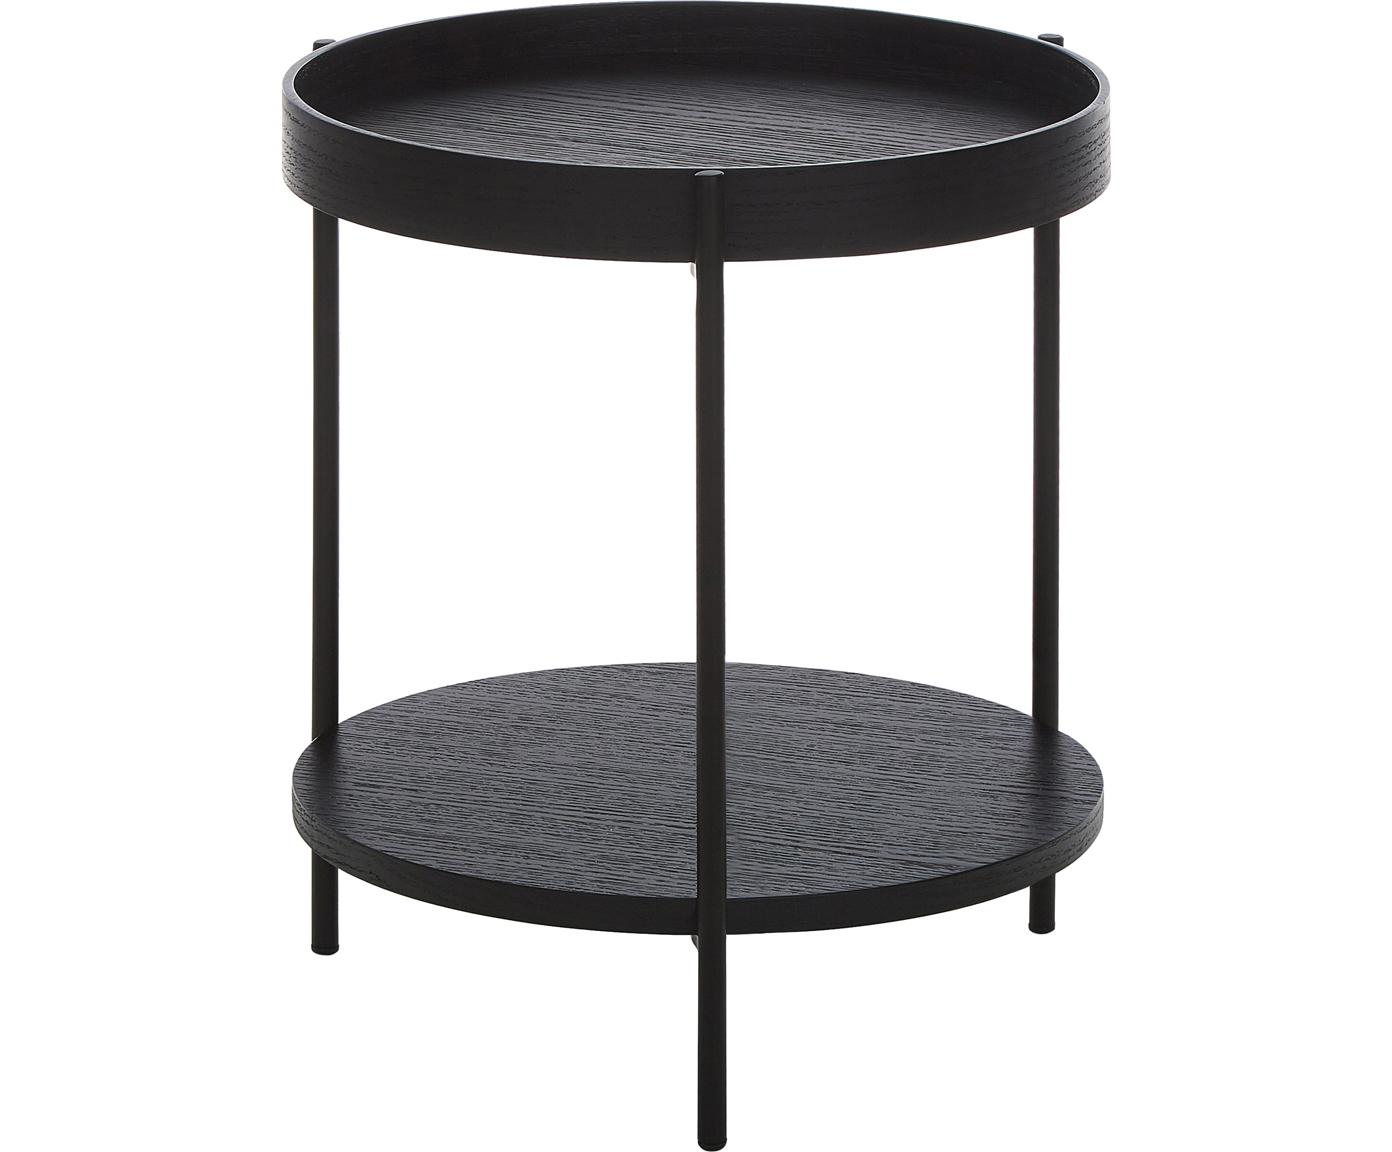 Mesa auxiliar con estante Renee, Tablero: tablero de fibras de dens, Estructura: metal, con pintura en pol, Tablero: negro Estructura: negro mate, Ø 44 x Al 49 cm